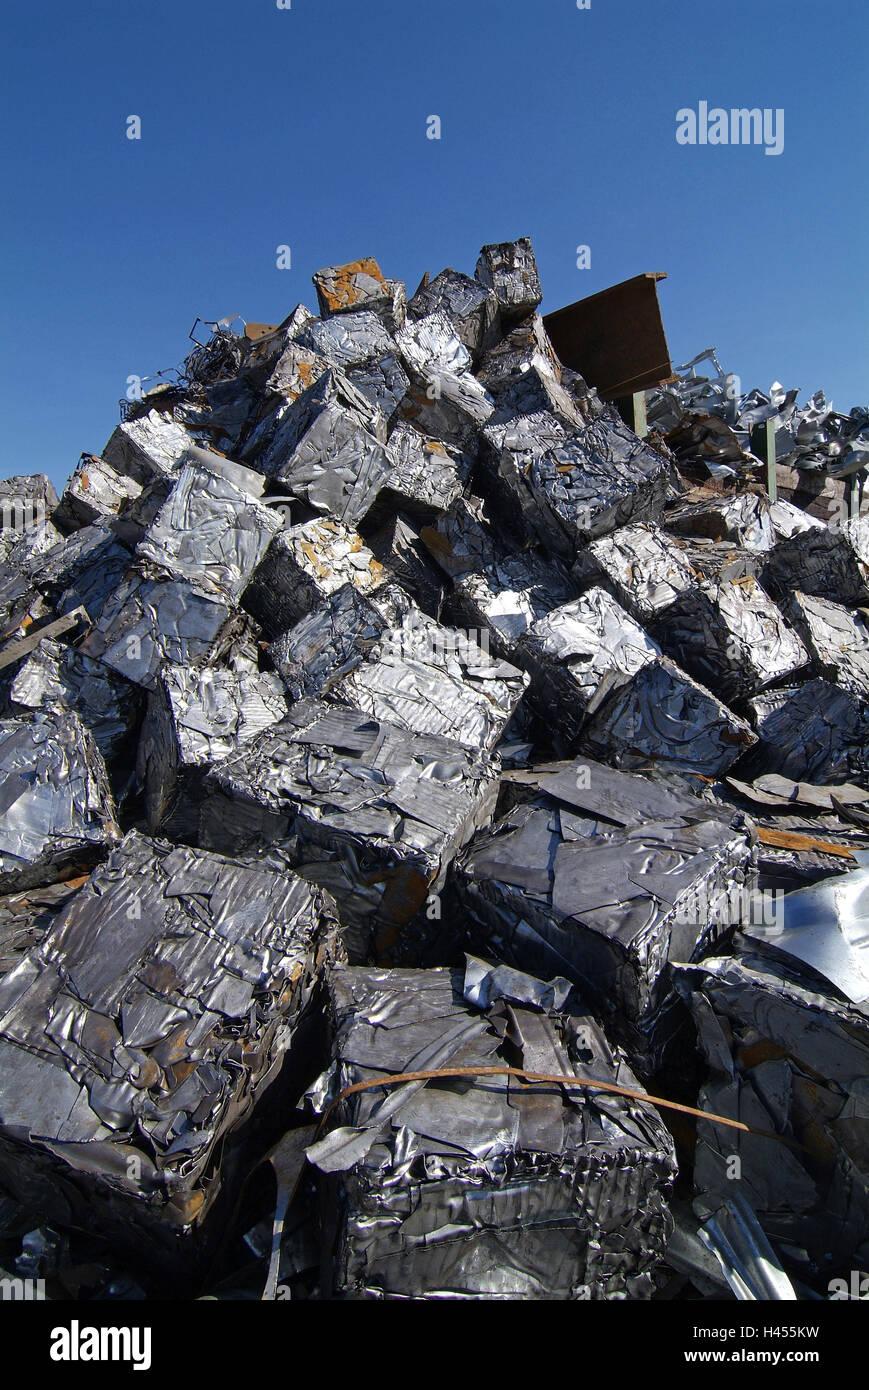 Scrap yard, scrap metal, pressed, - Stock Image